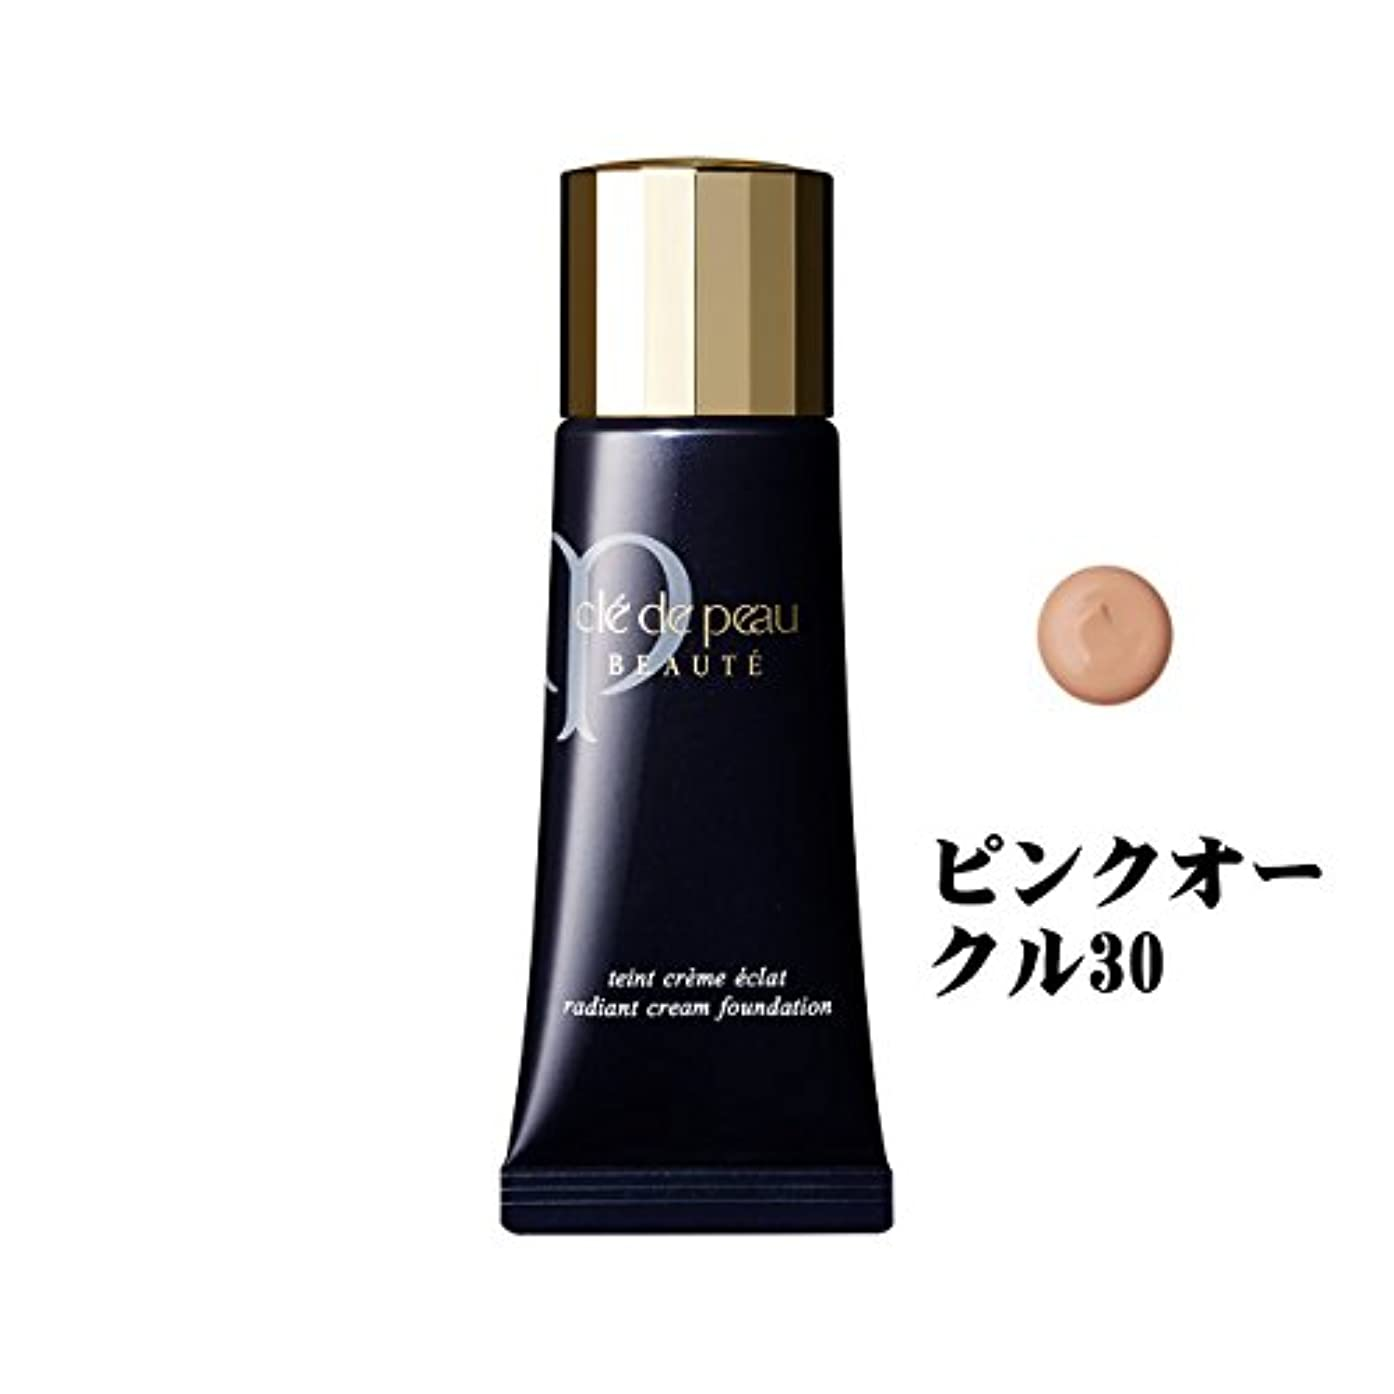 口割り当てます軽減資生堂/shiseido クレドポーボーテ/CPB タンクレームエクラ クリームタイプ SPF25?PA++ ピンクオークル30